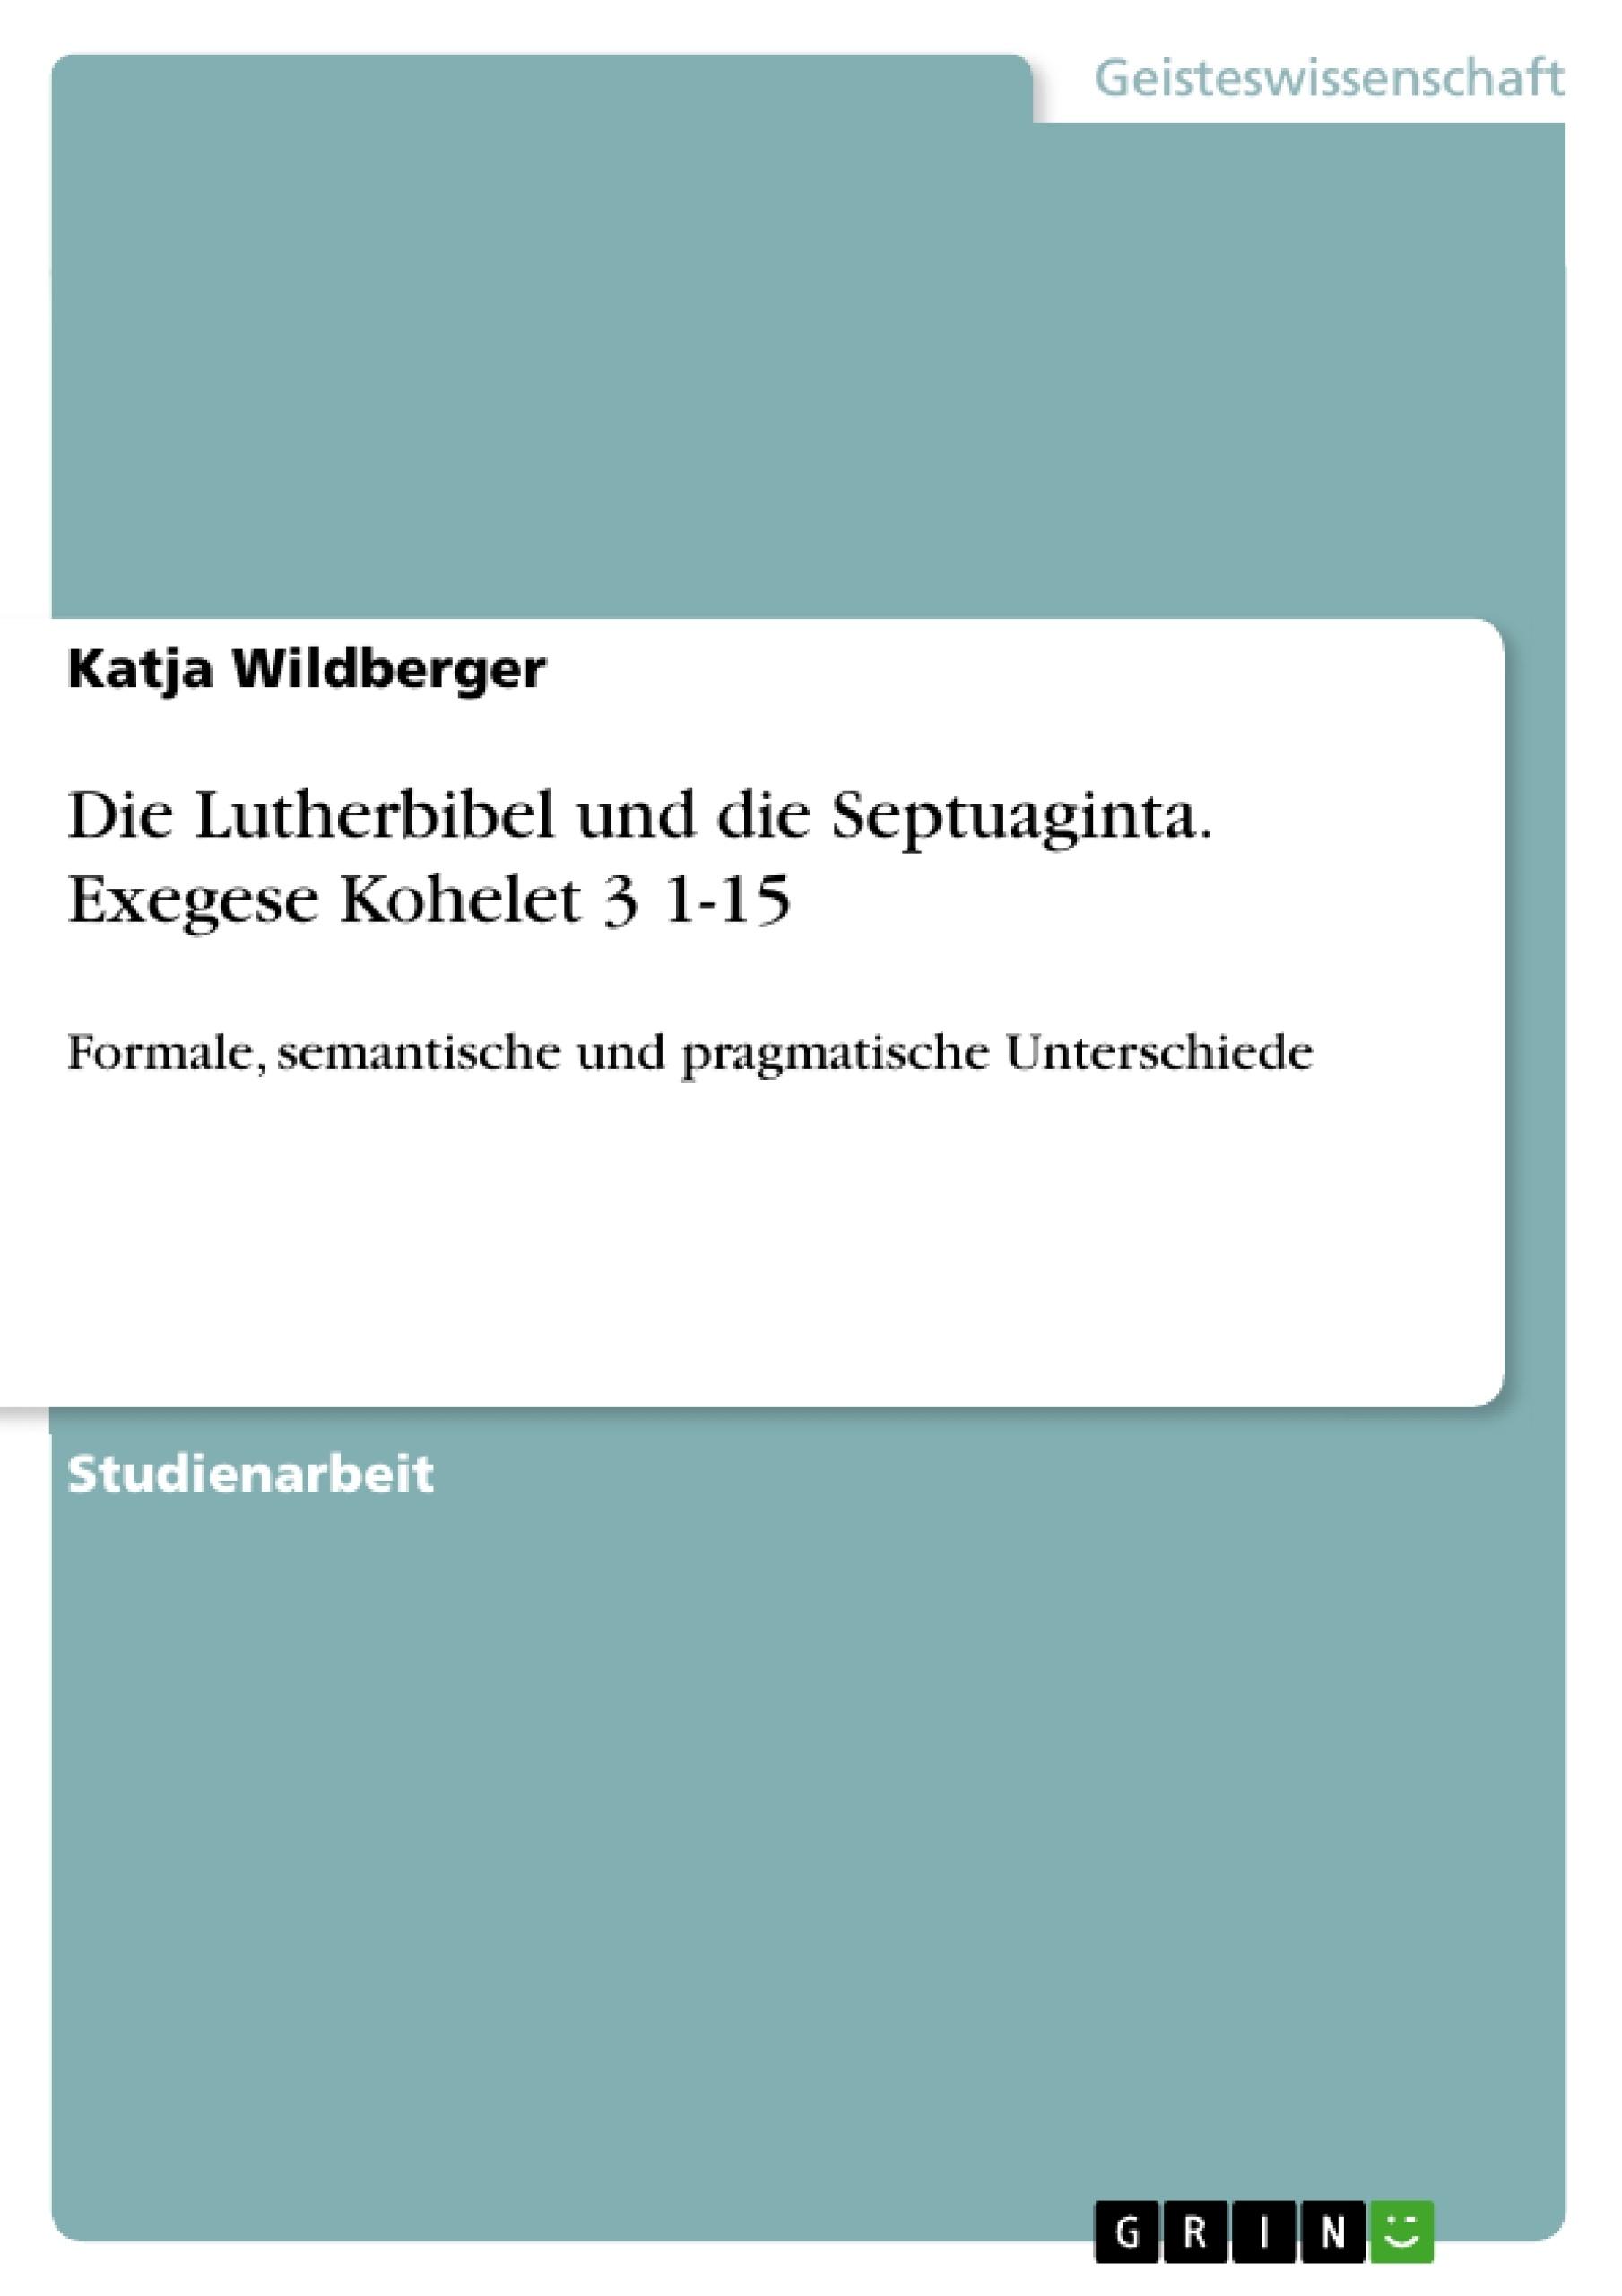 Titel: Die Lutherbibel und die Septuaginta. Exegese Kohelet 3 1-15